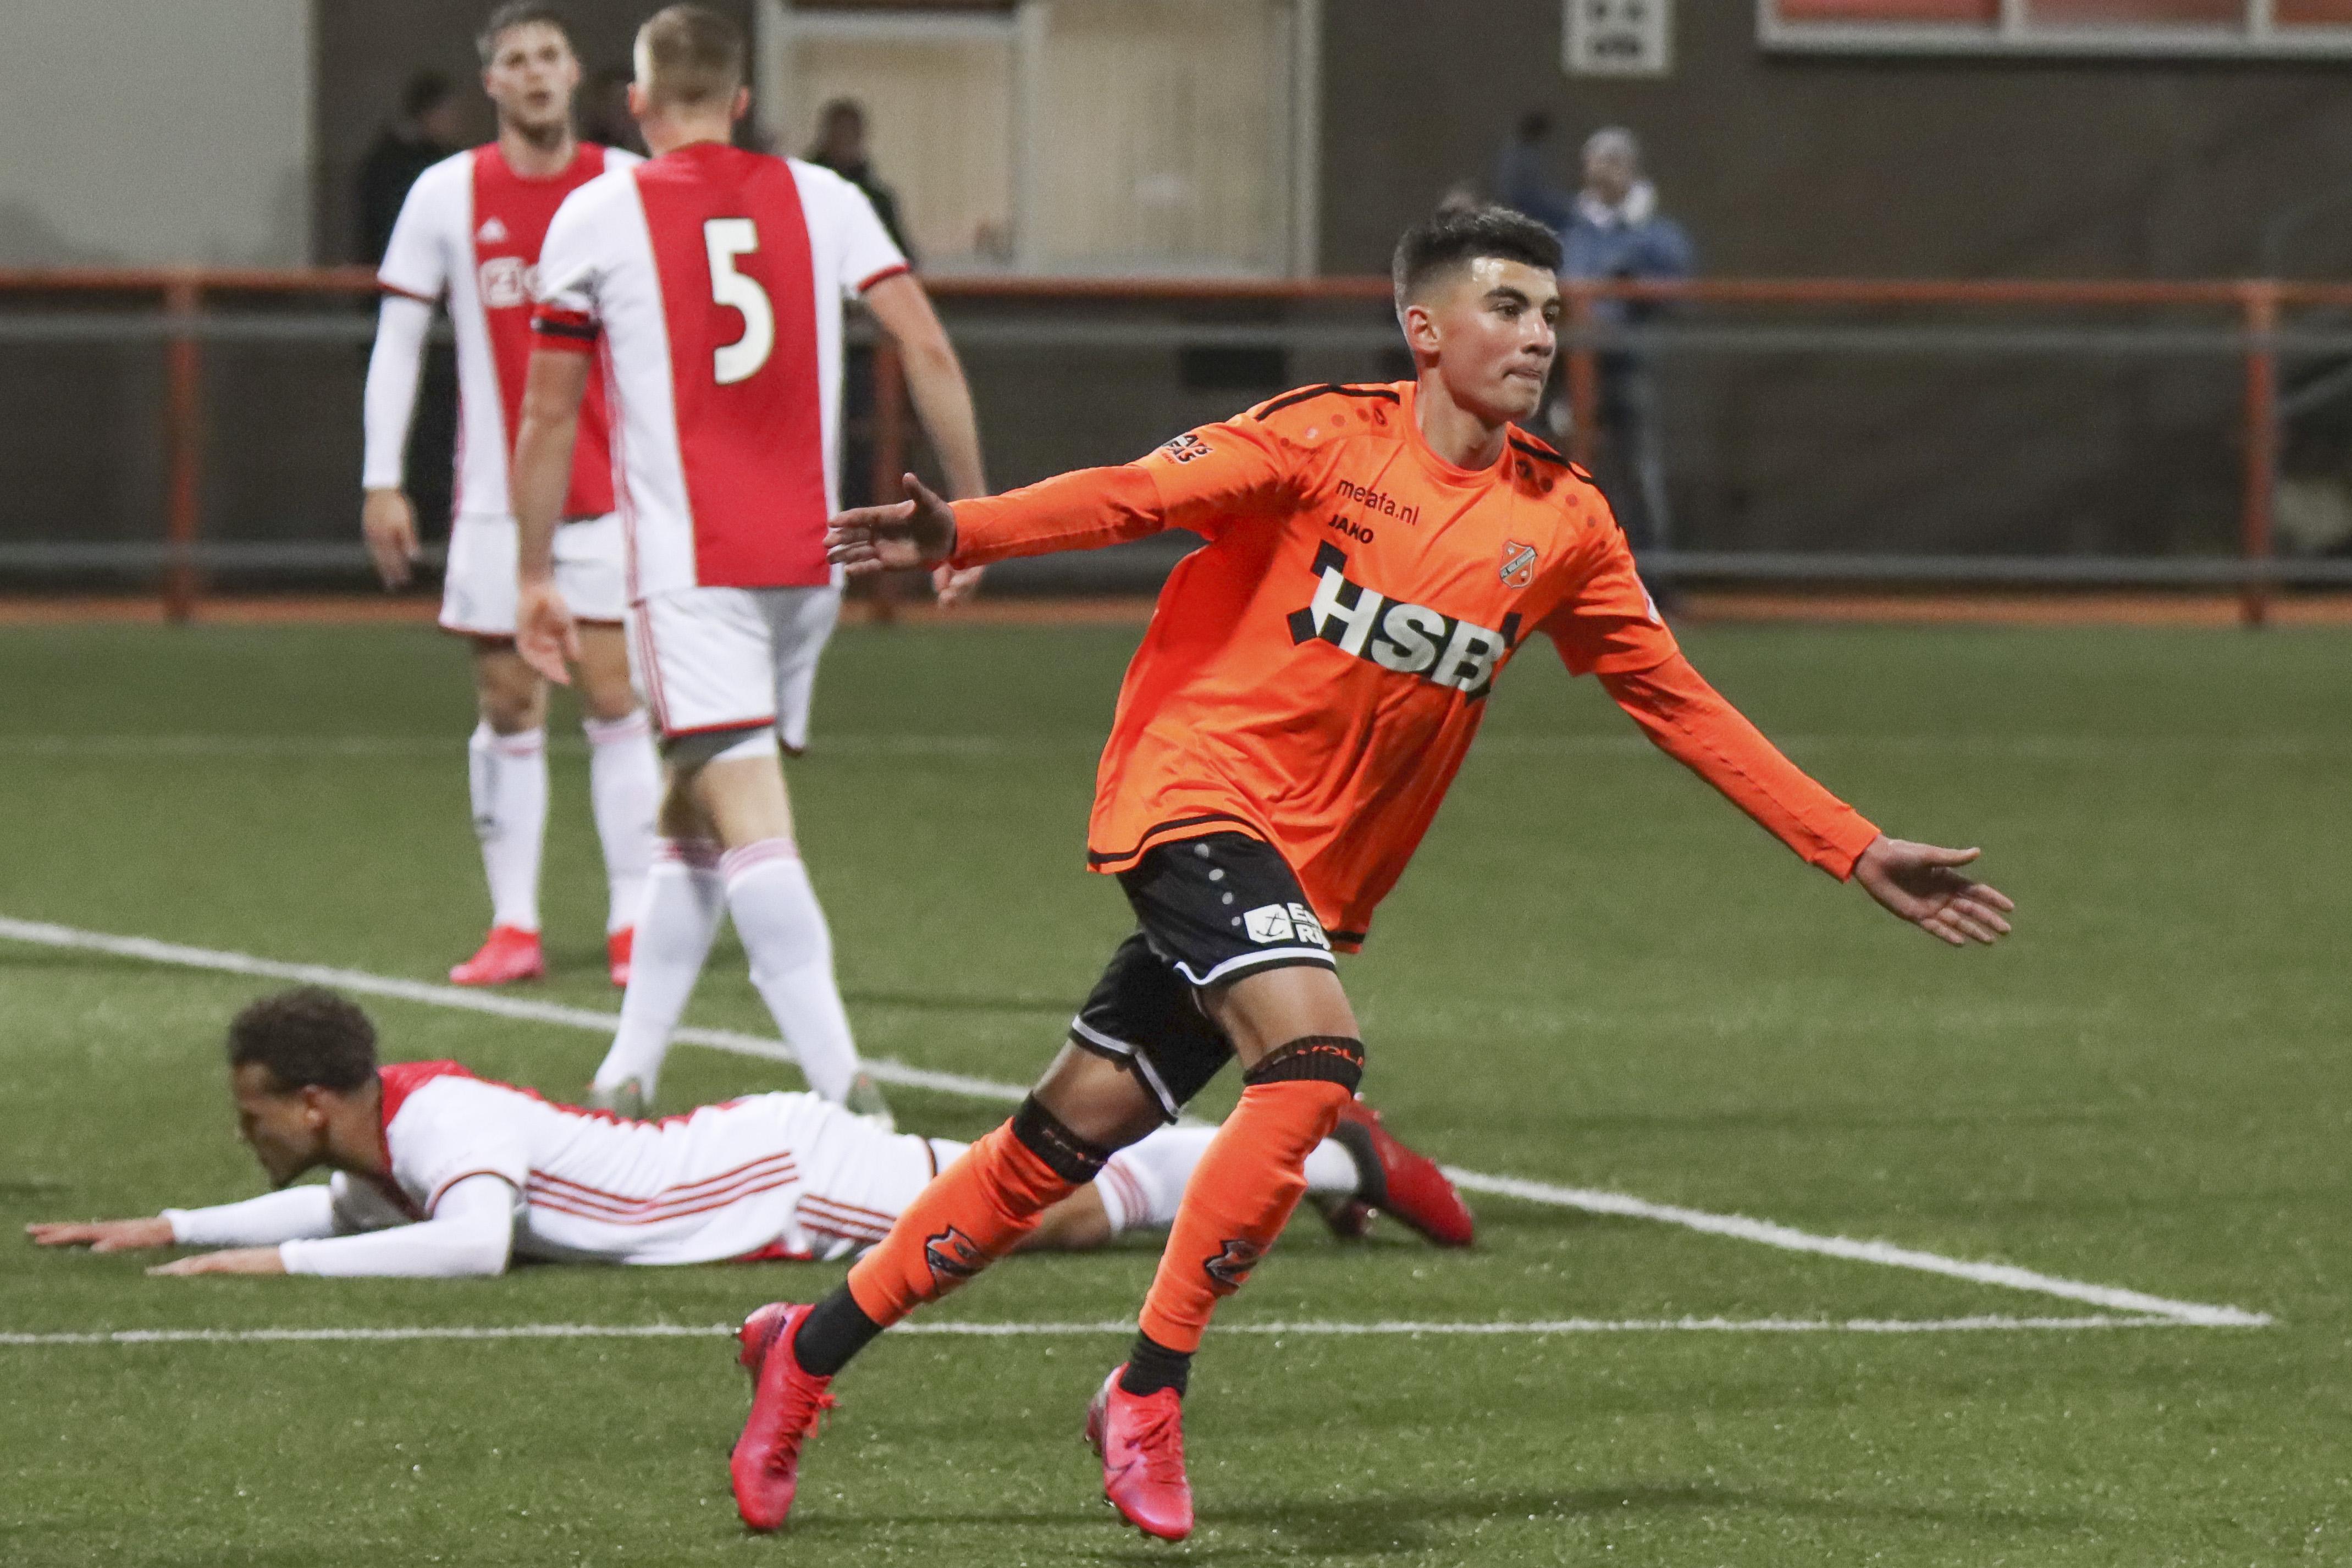 Na vier minder resultaten zet FC Volendam Jong Ajax op overtuigende wijze opzij: Eindelijk weer feest in de kleedkamer